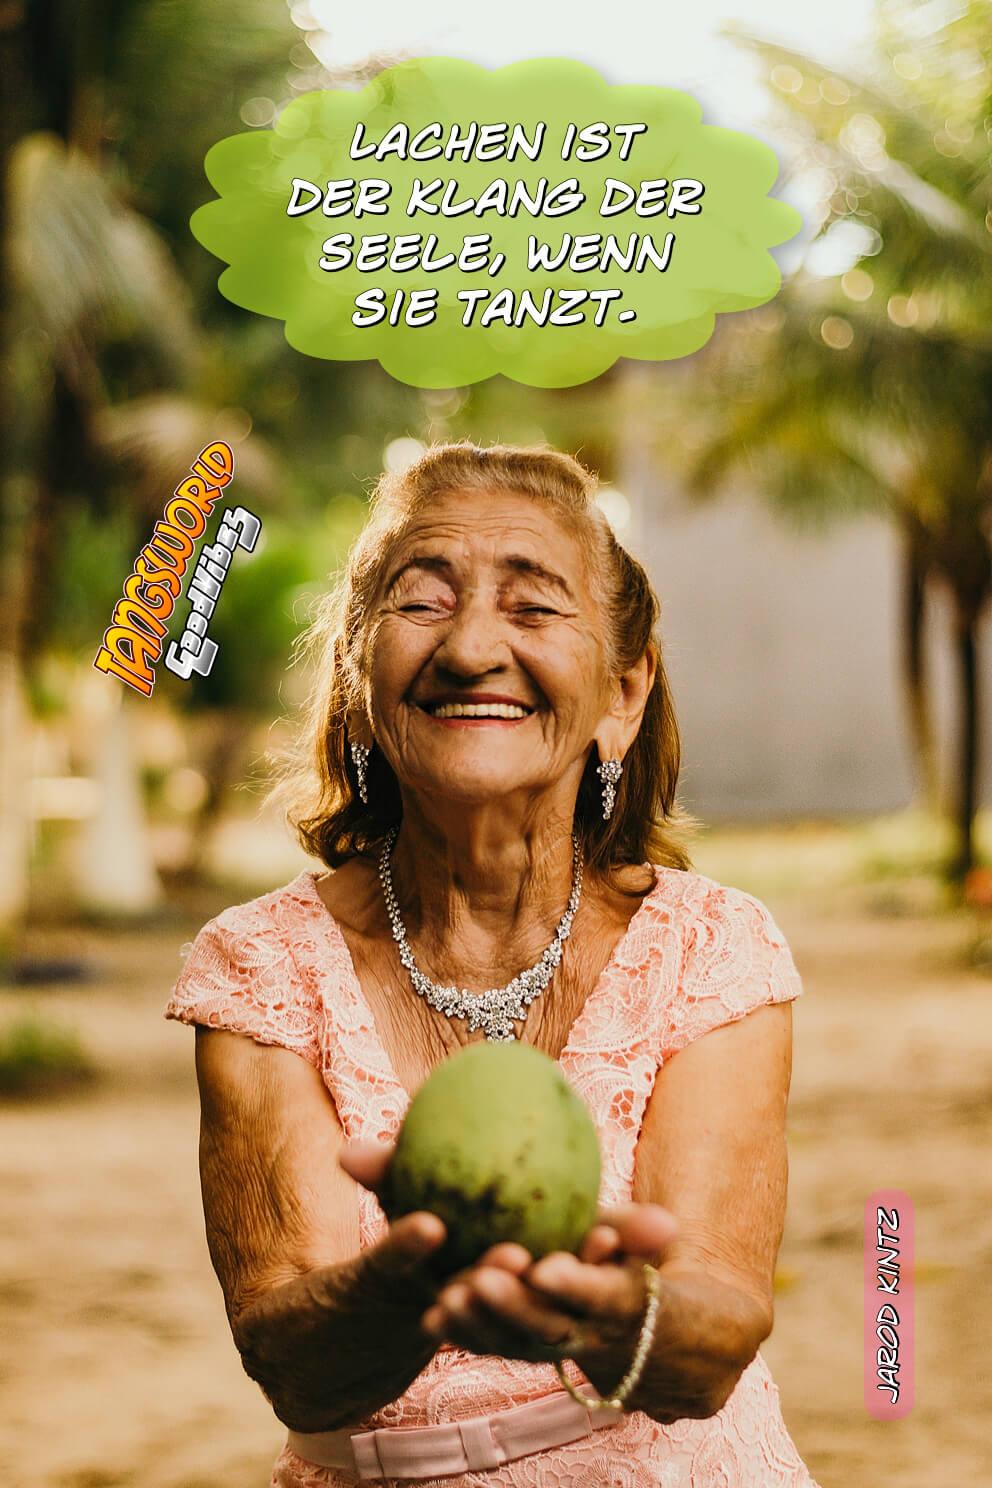 Lachen ist der Klang der Seele wenn sie tanzt. - GoodVibes | Jarod Kintz